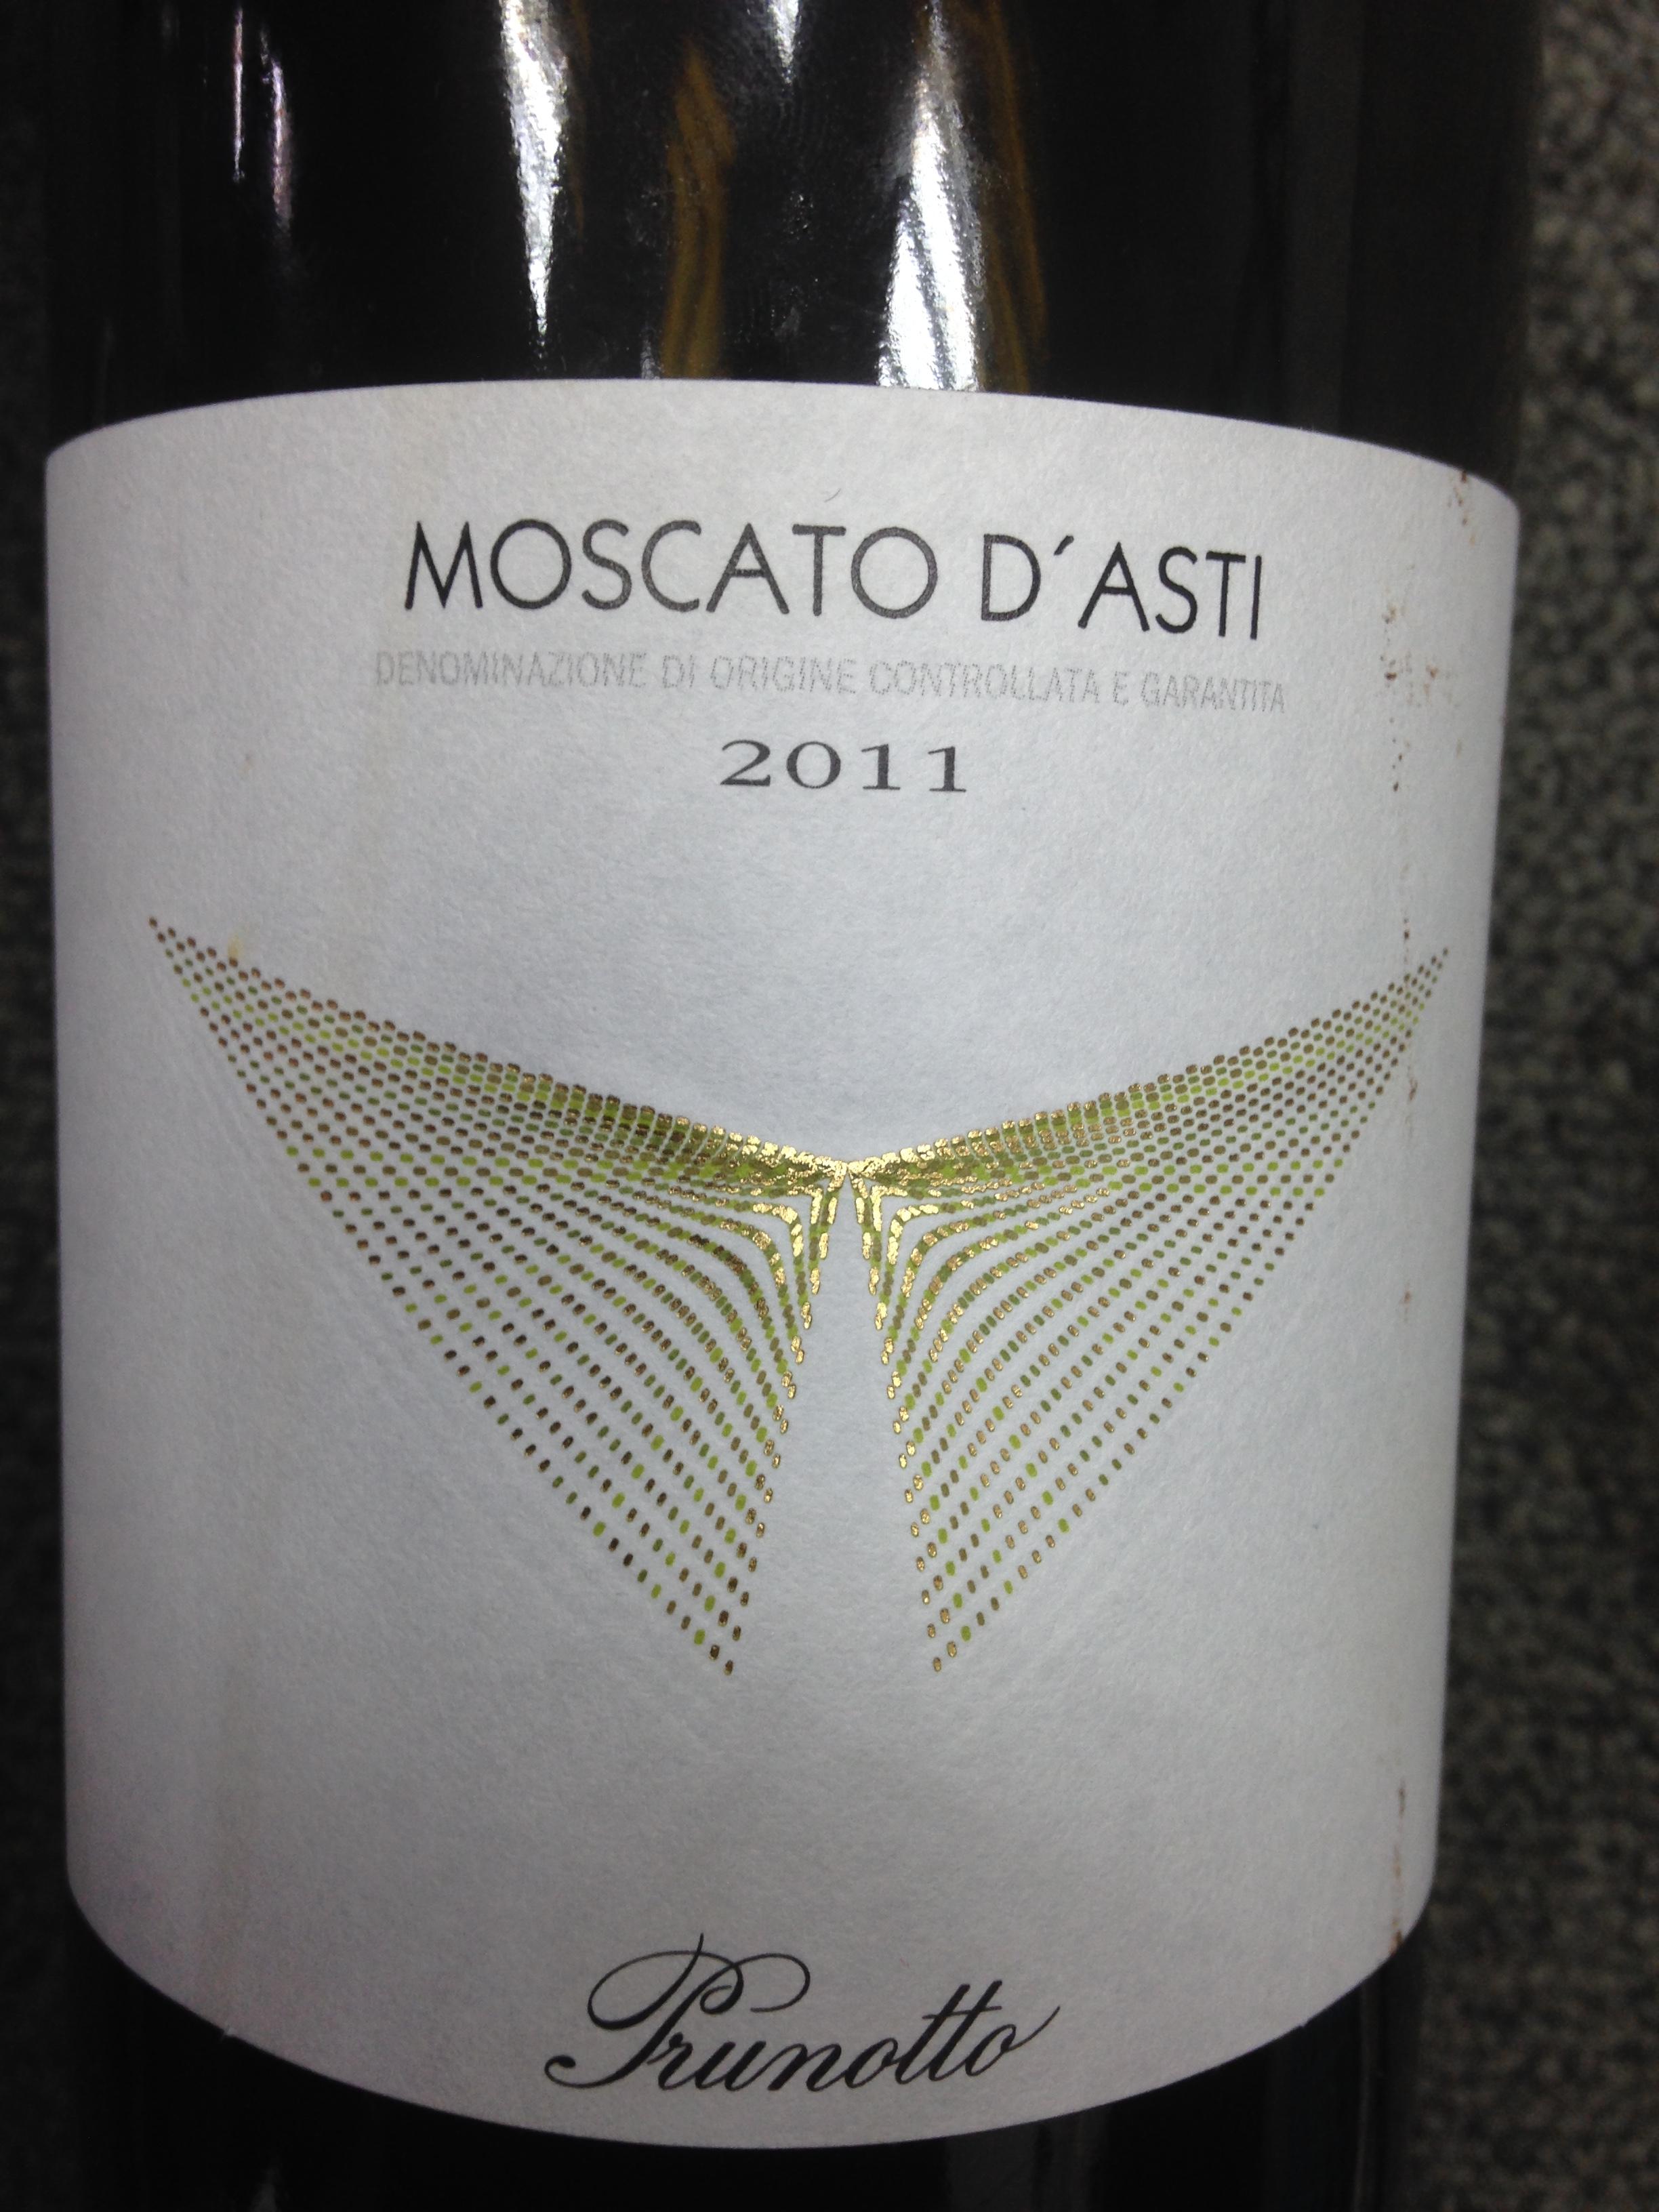 普鲁诺托莫斯卡托甜白Prunotto Moscato d'Asti